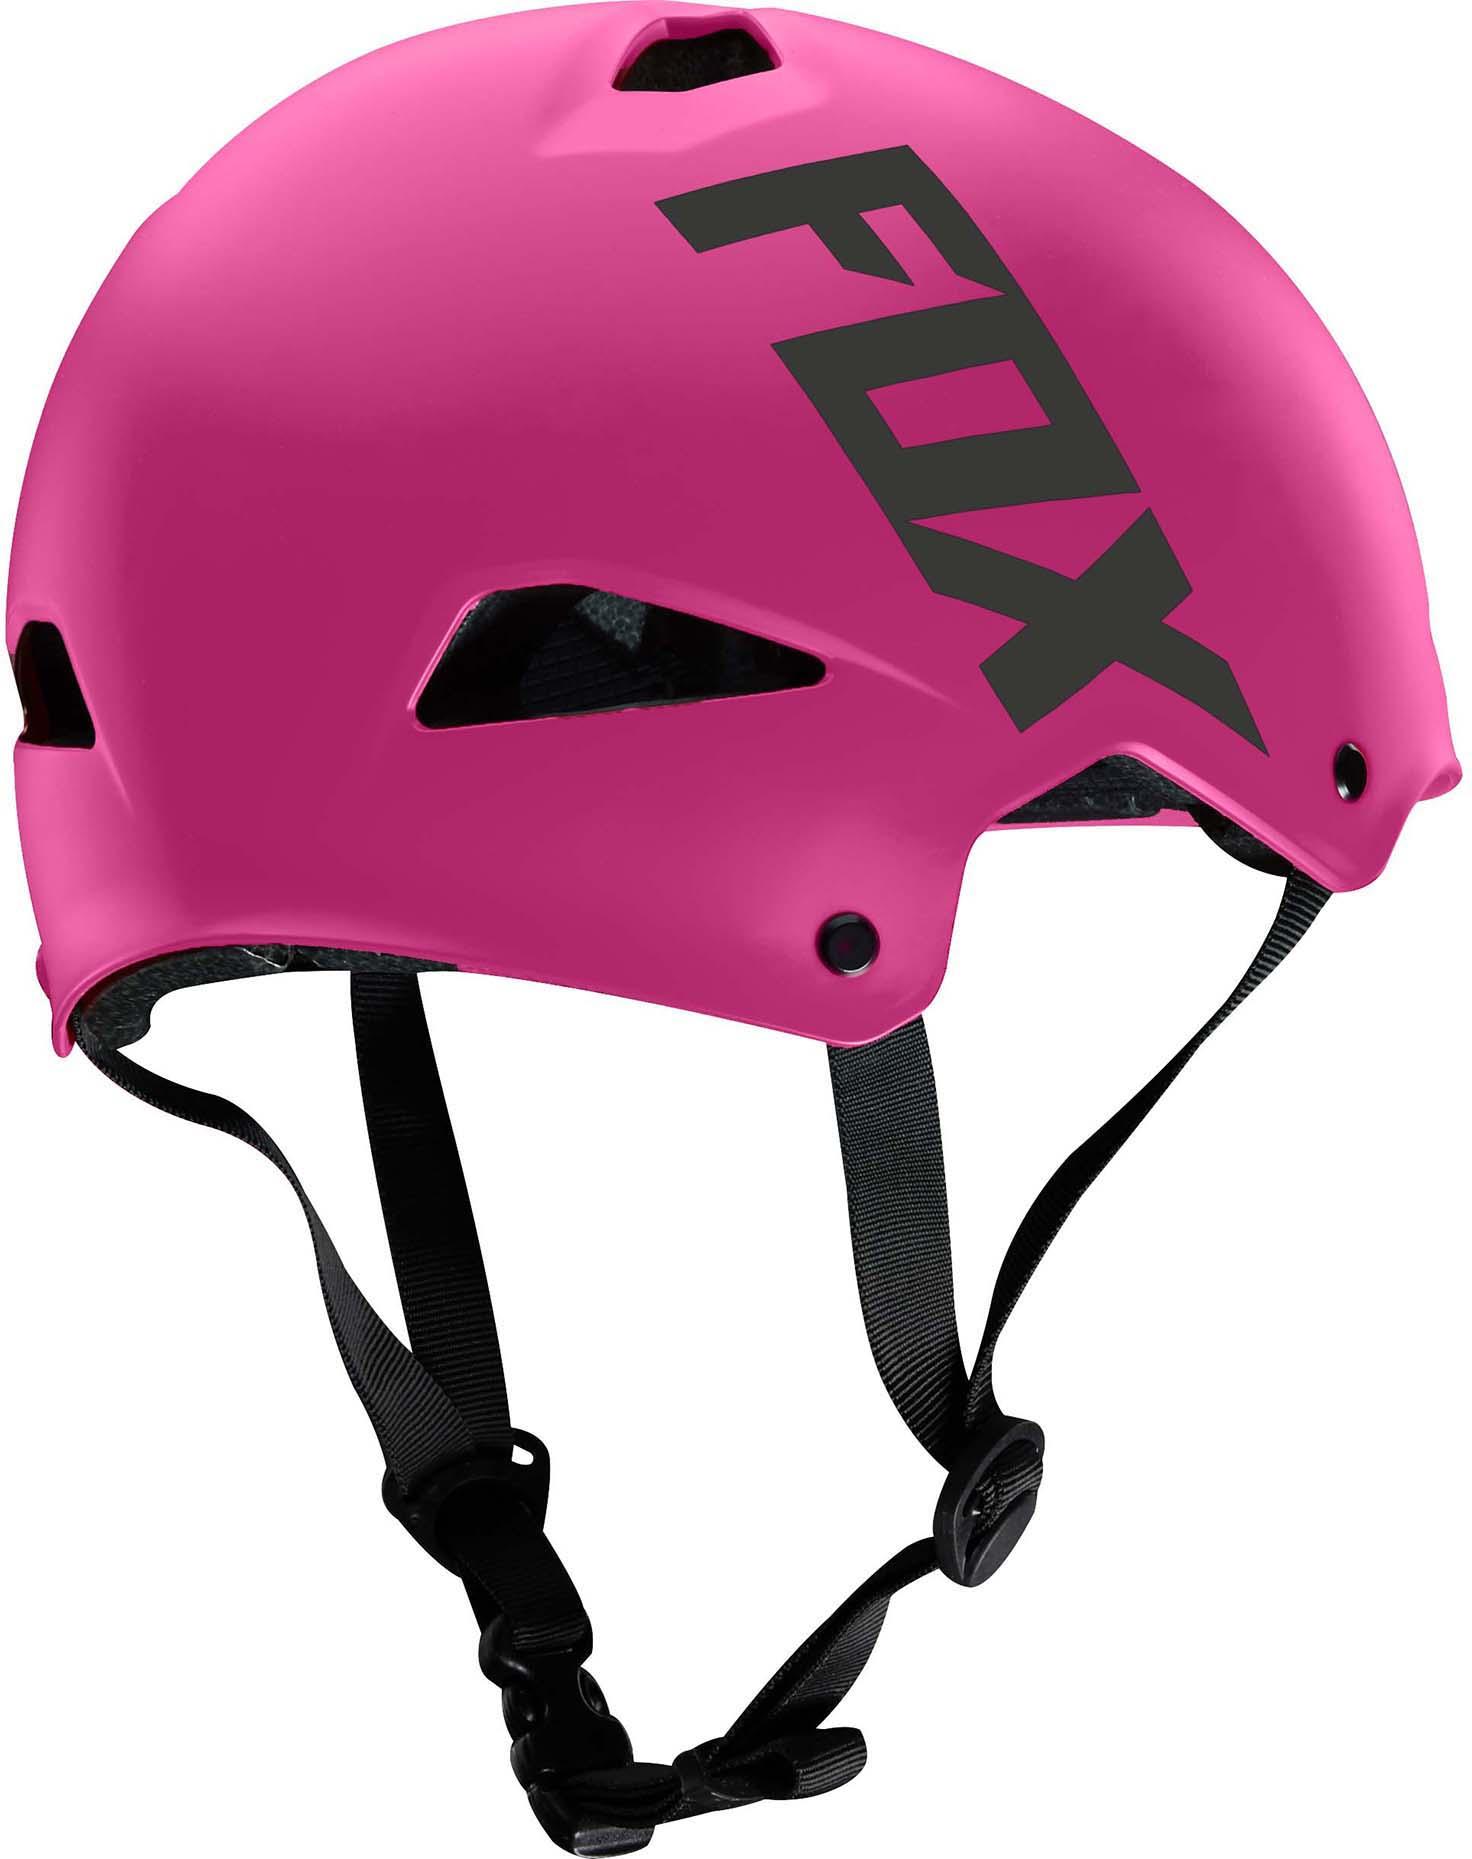 Fox-Head-Flight-Sport-Trail-Bike-Dirt-Jump-Adult-Protective-Helmet thumbnail 16